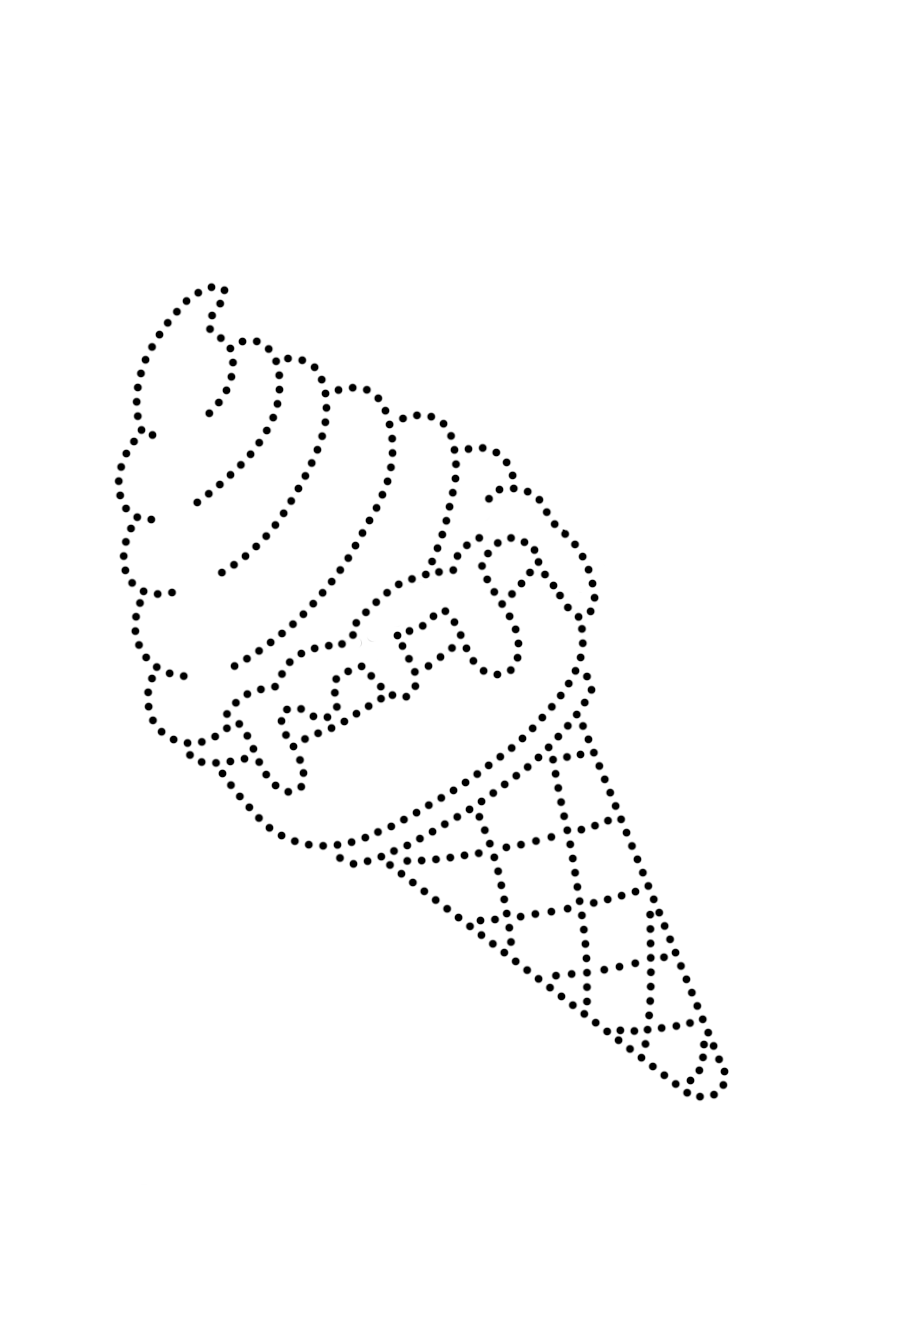 Ice cream points